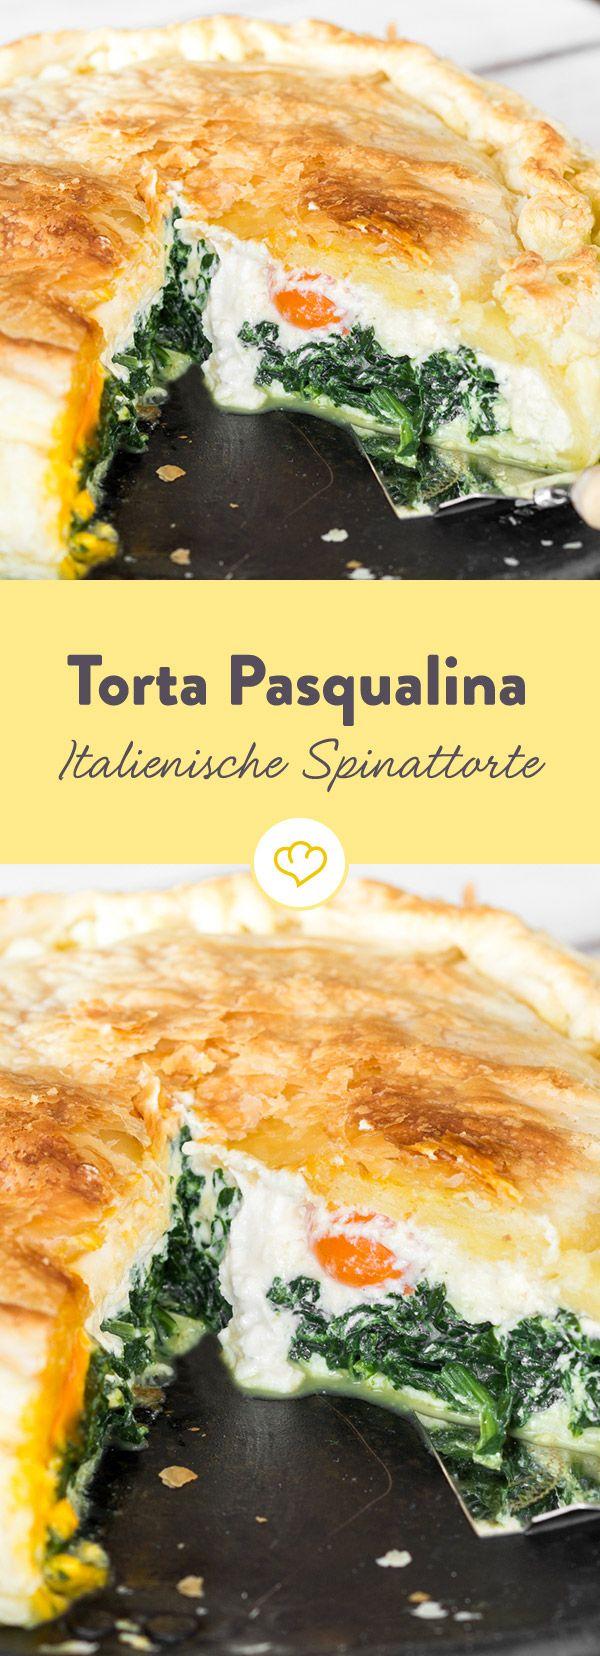 Diese herzhafte Torte mit Spinat und Ricotta gefüllt wird in Ligurien traditionell zu Ostern zubereitet und über die Feiertage angeboten und verputzt.